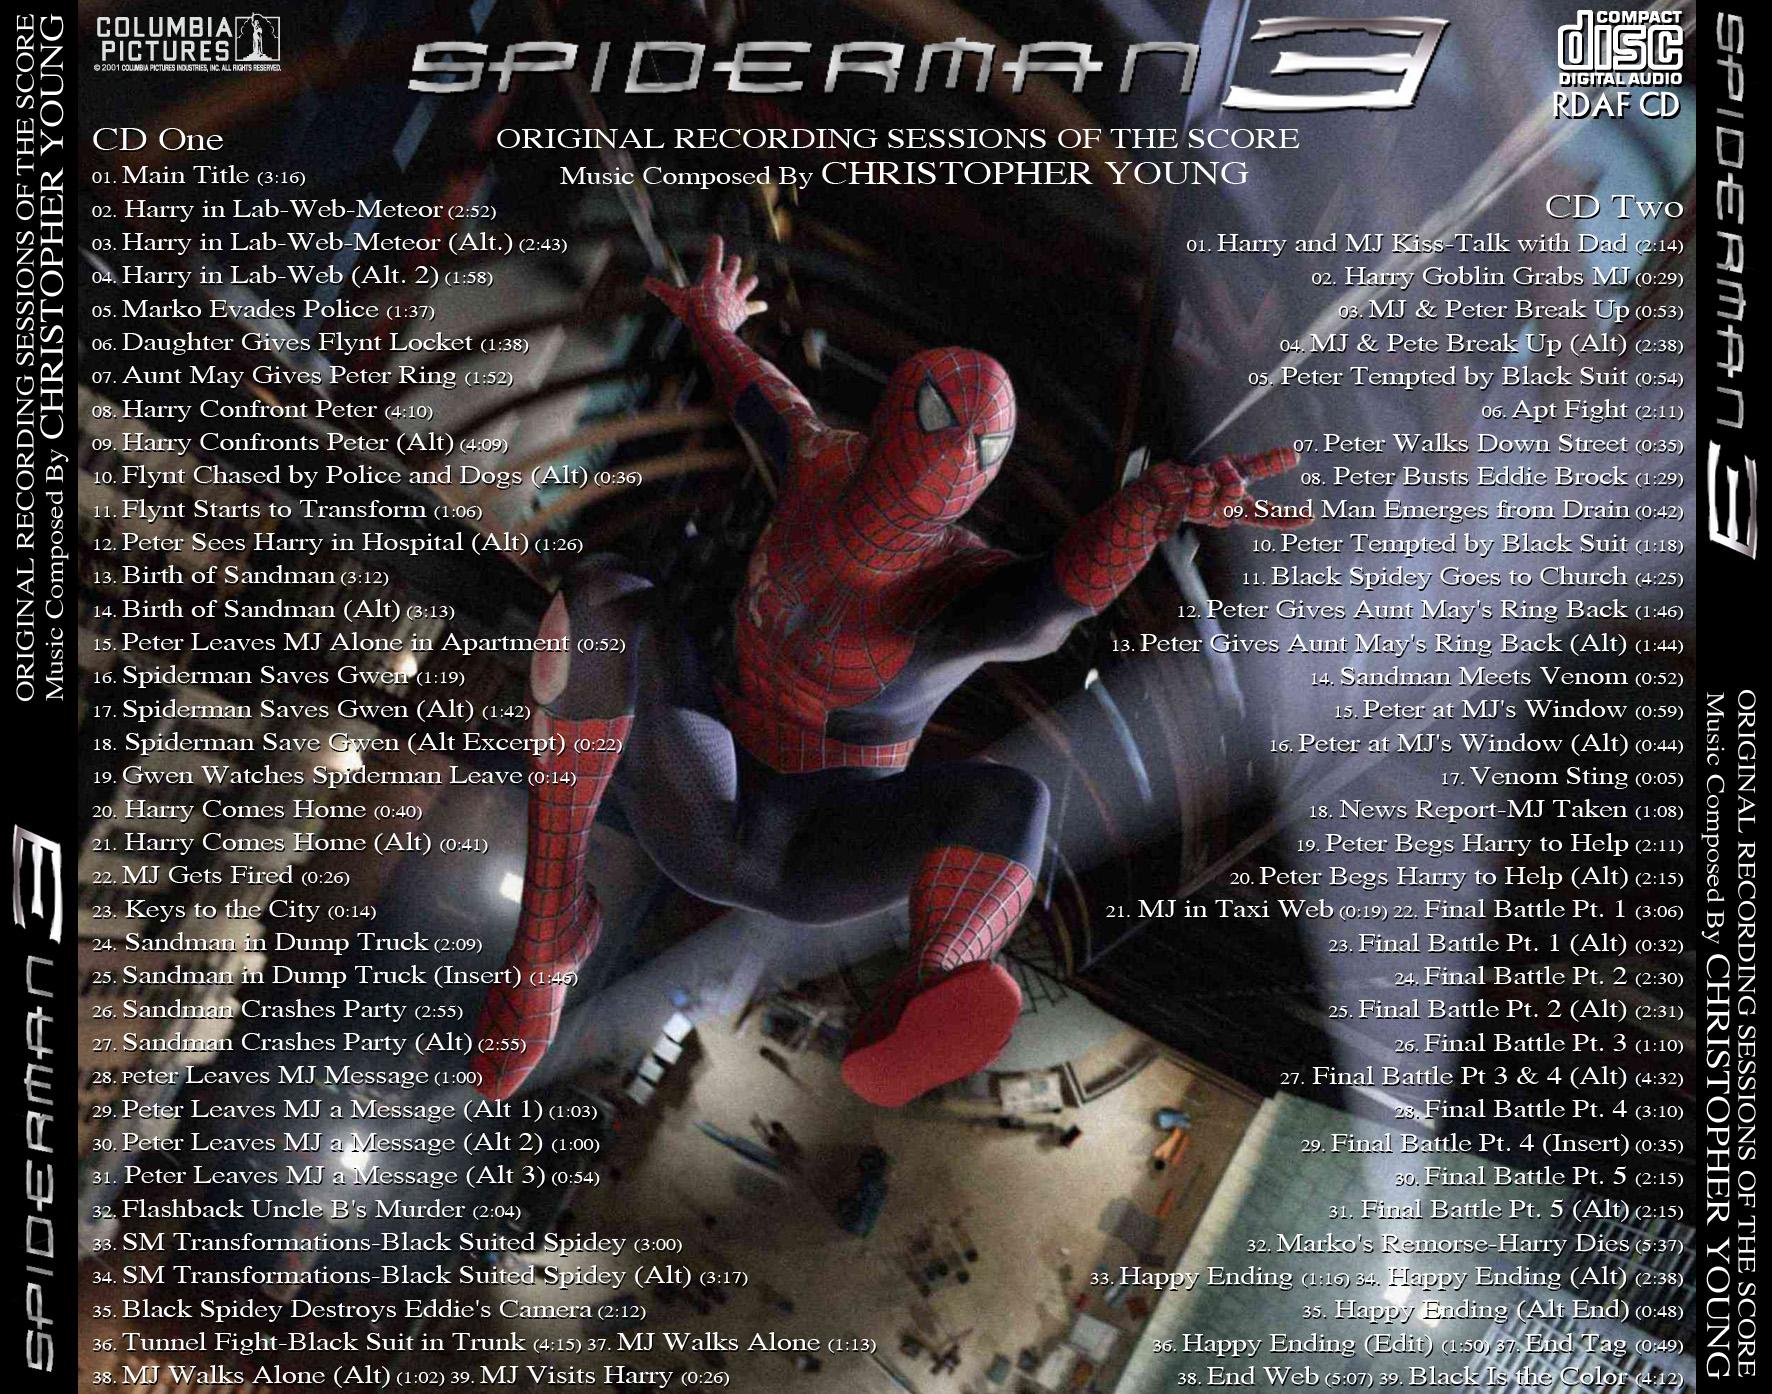 Смотреть онлайн спайдермен 4 1 фотография